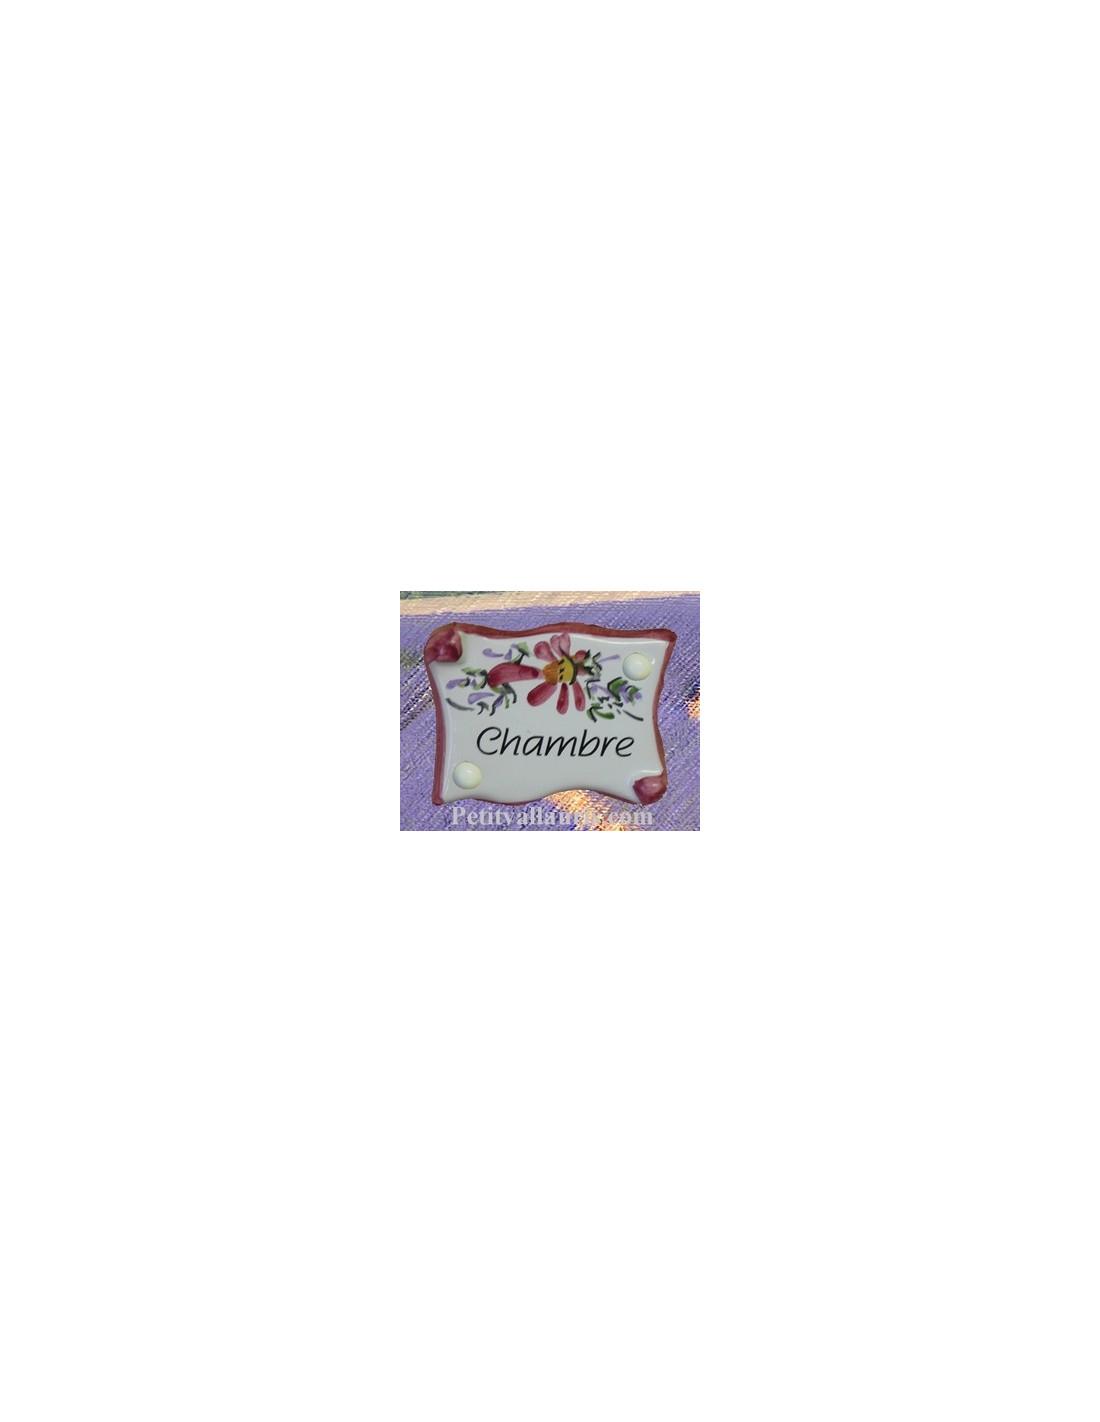 Plaque Porte Chambre : plaque de porte parchemin rose chambre le petit vallauris ~ Nature-et-papiers.com Idées de Décoration